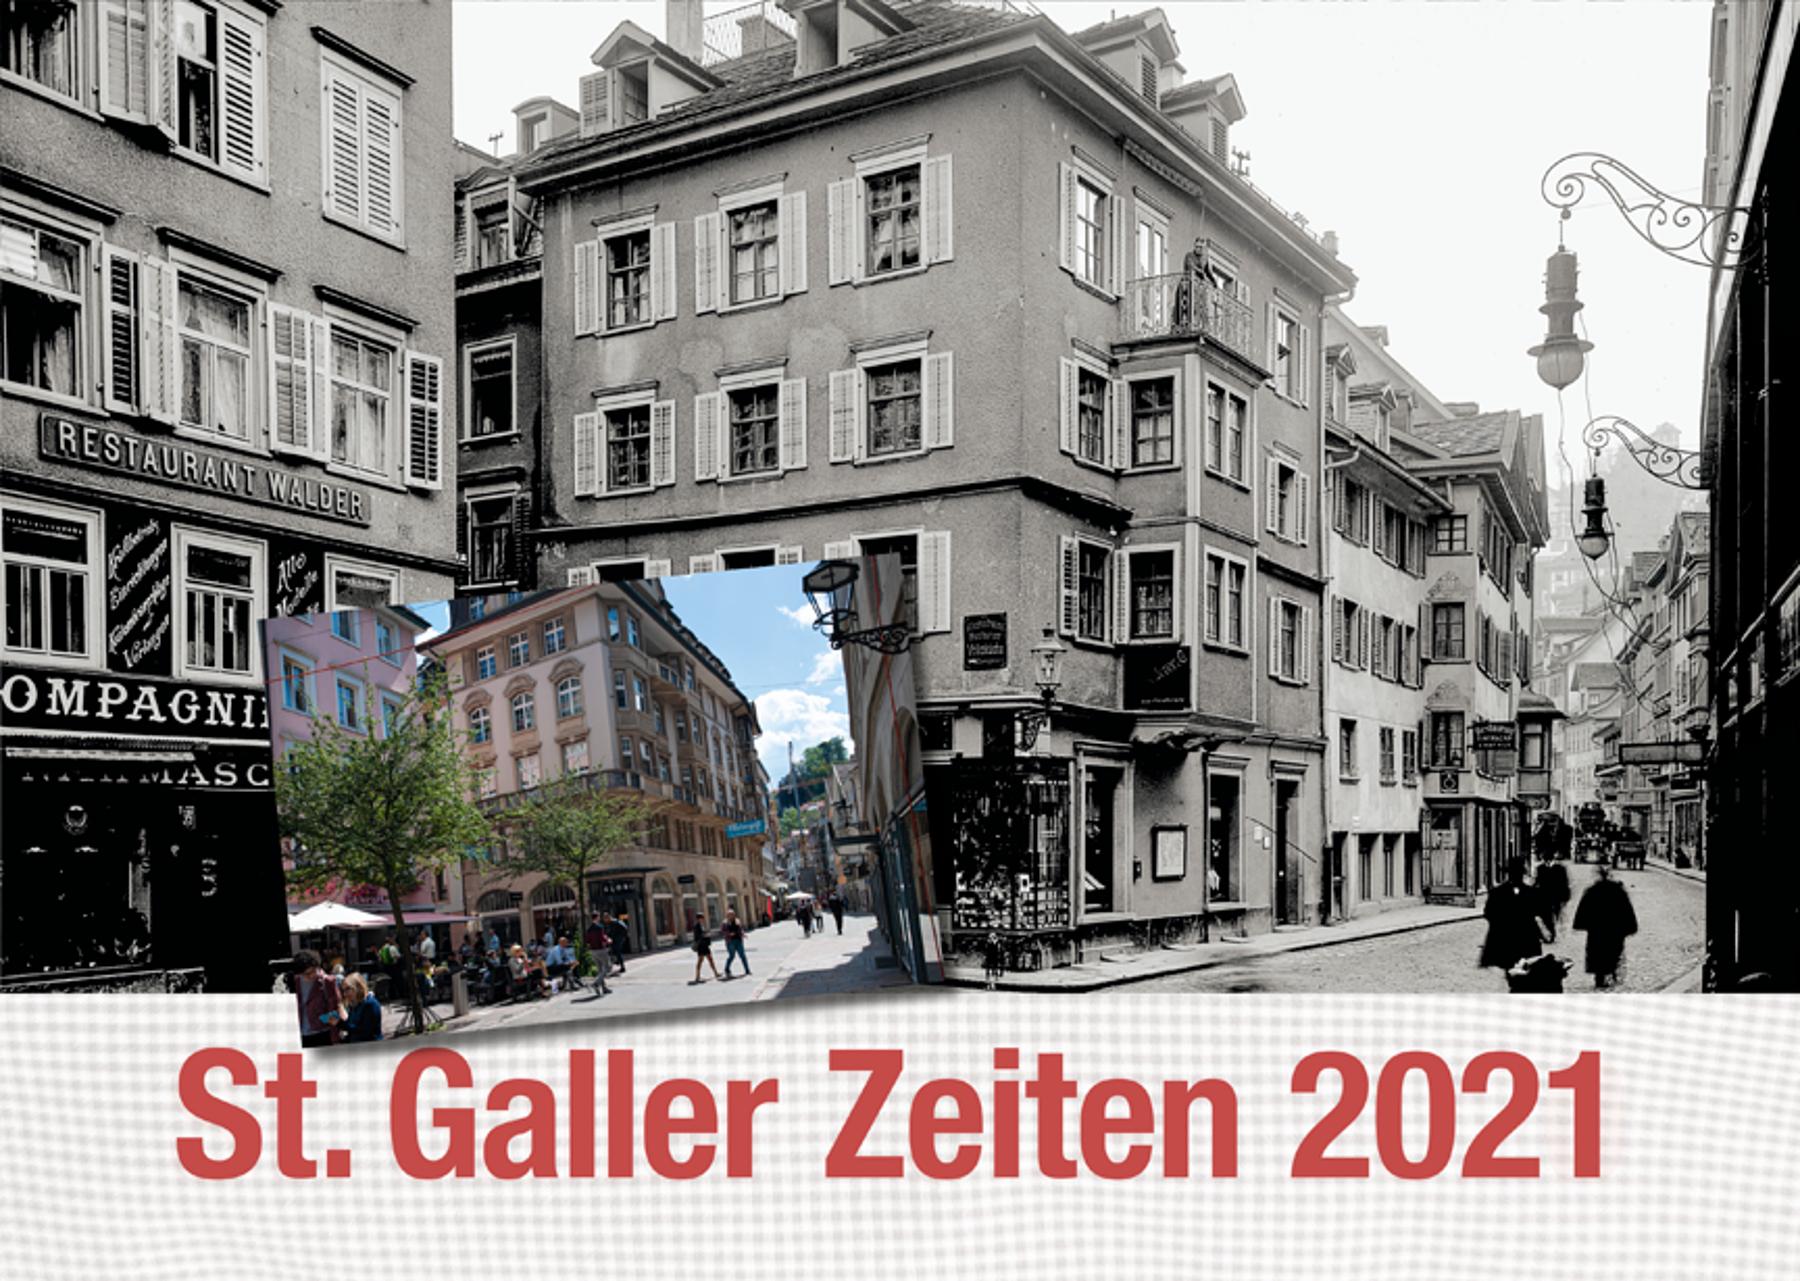 St.Galler Zeiten 2021